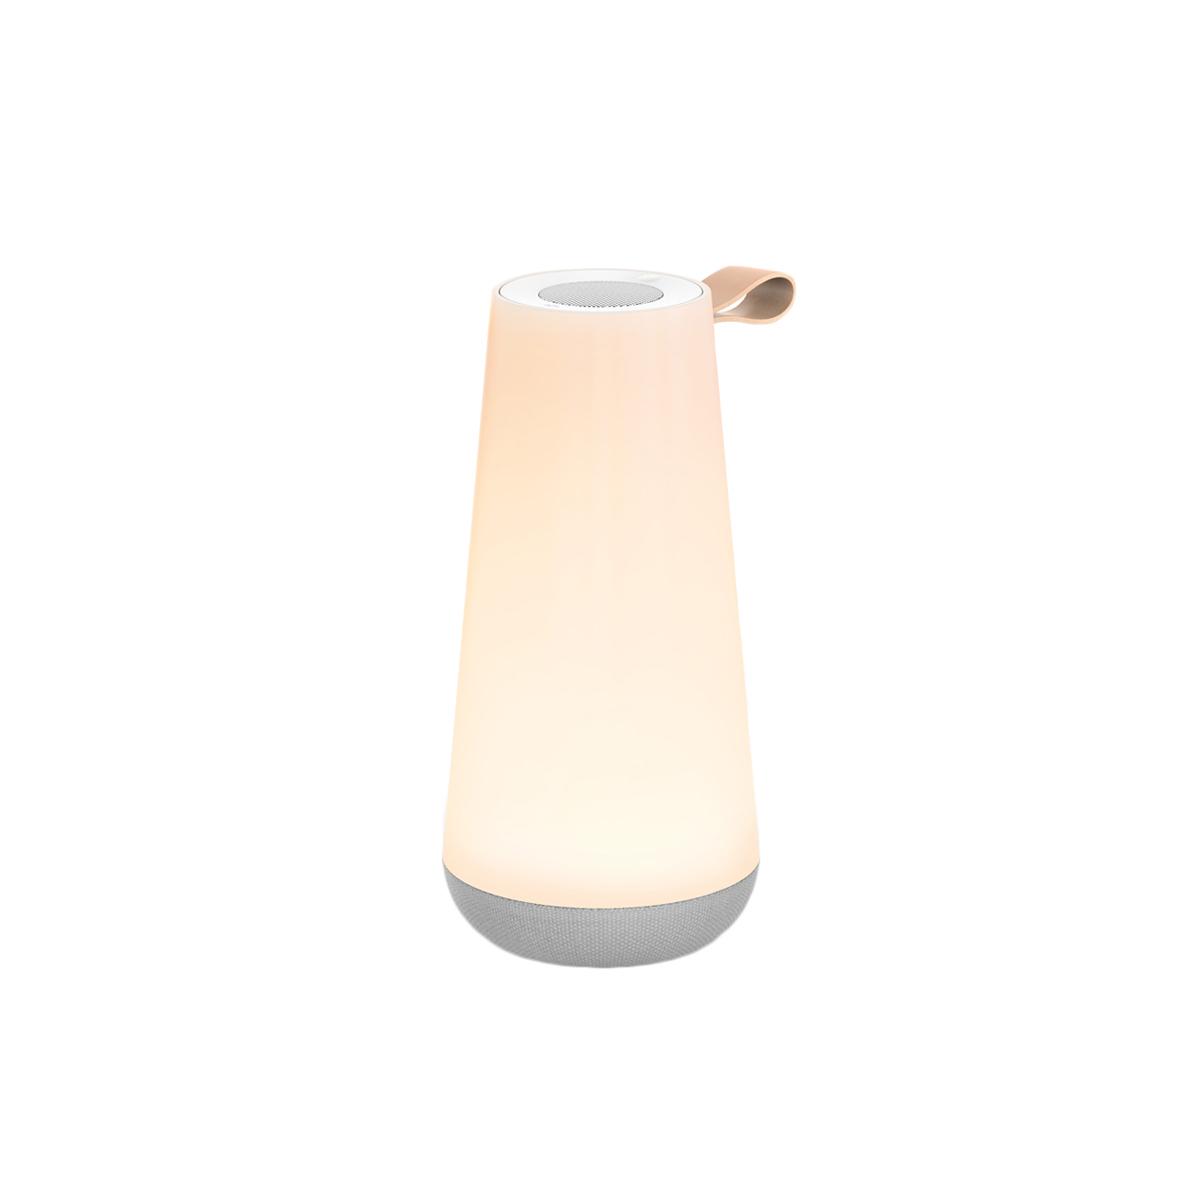 親しい人と寄り添いたくなる「Hi-Fiスピーカー」|【入荷時期未定】《UMA MINI》360度に広がる、忠実な「音」と優しい「光」。片手で持ち運べるコンパクトサイズで、いつでもどこでも空間を温かく演出するワイヤレススピーカー | Pablo